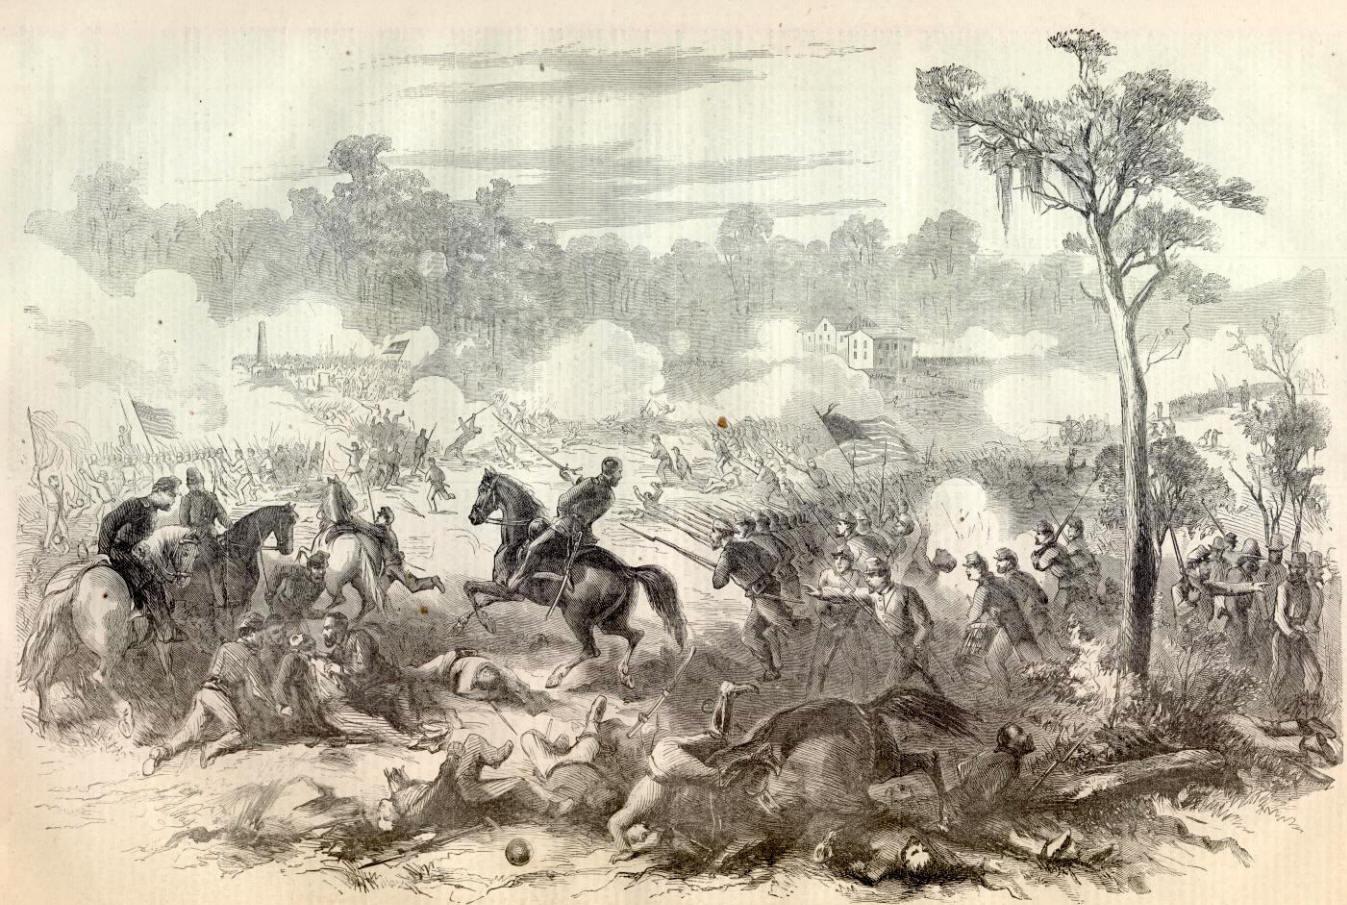 battle write up of baton rouge